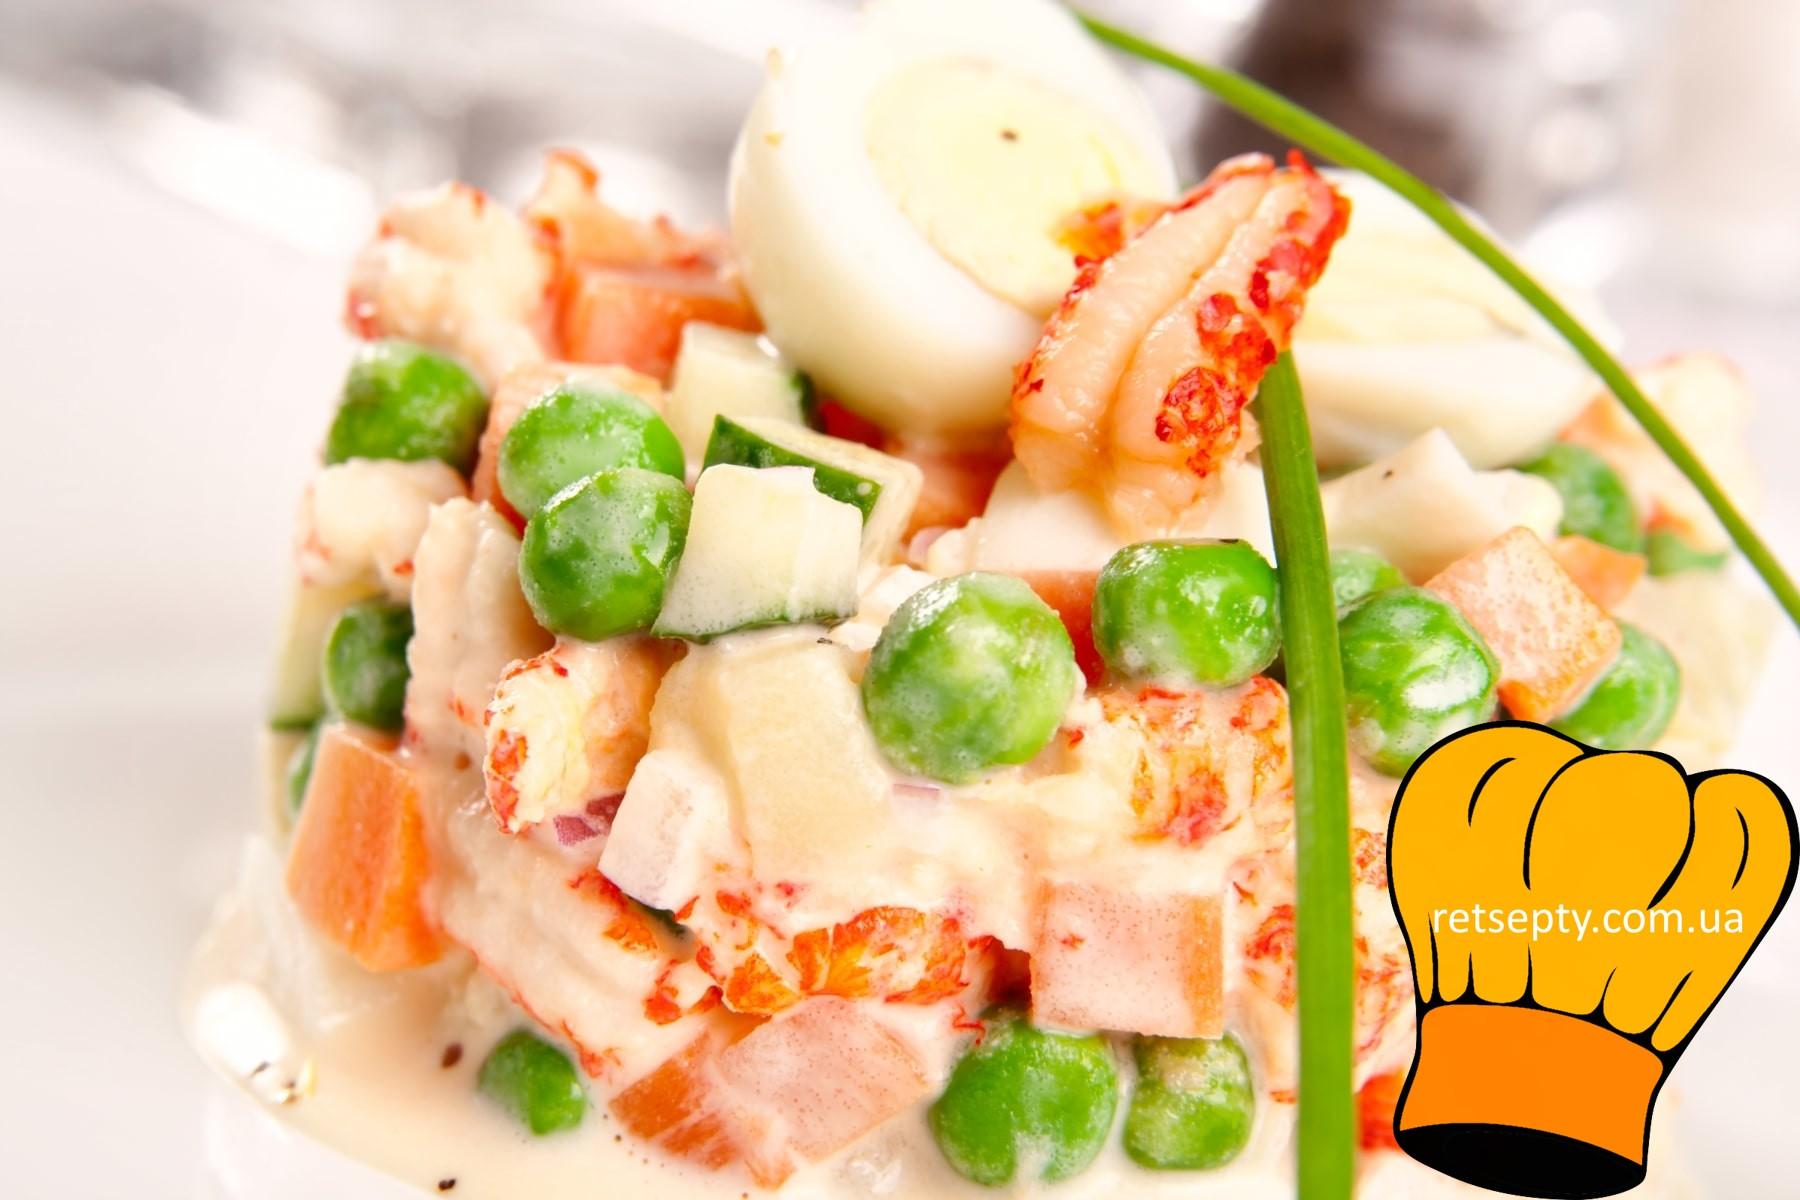 Спосіб приготування салату Олів'є з червоною рибою